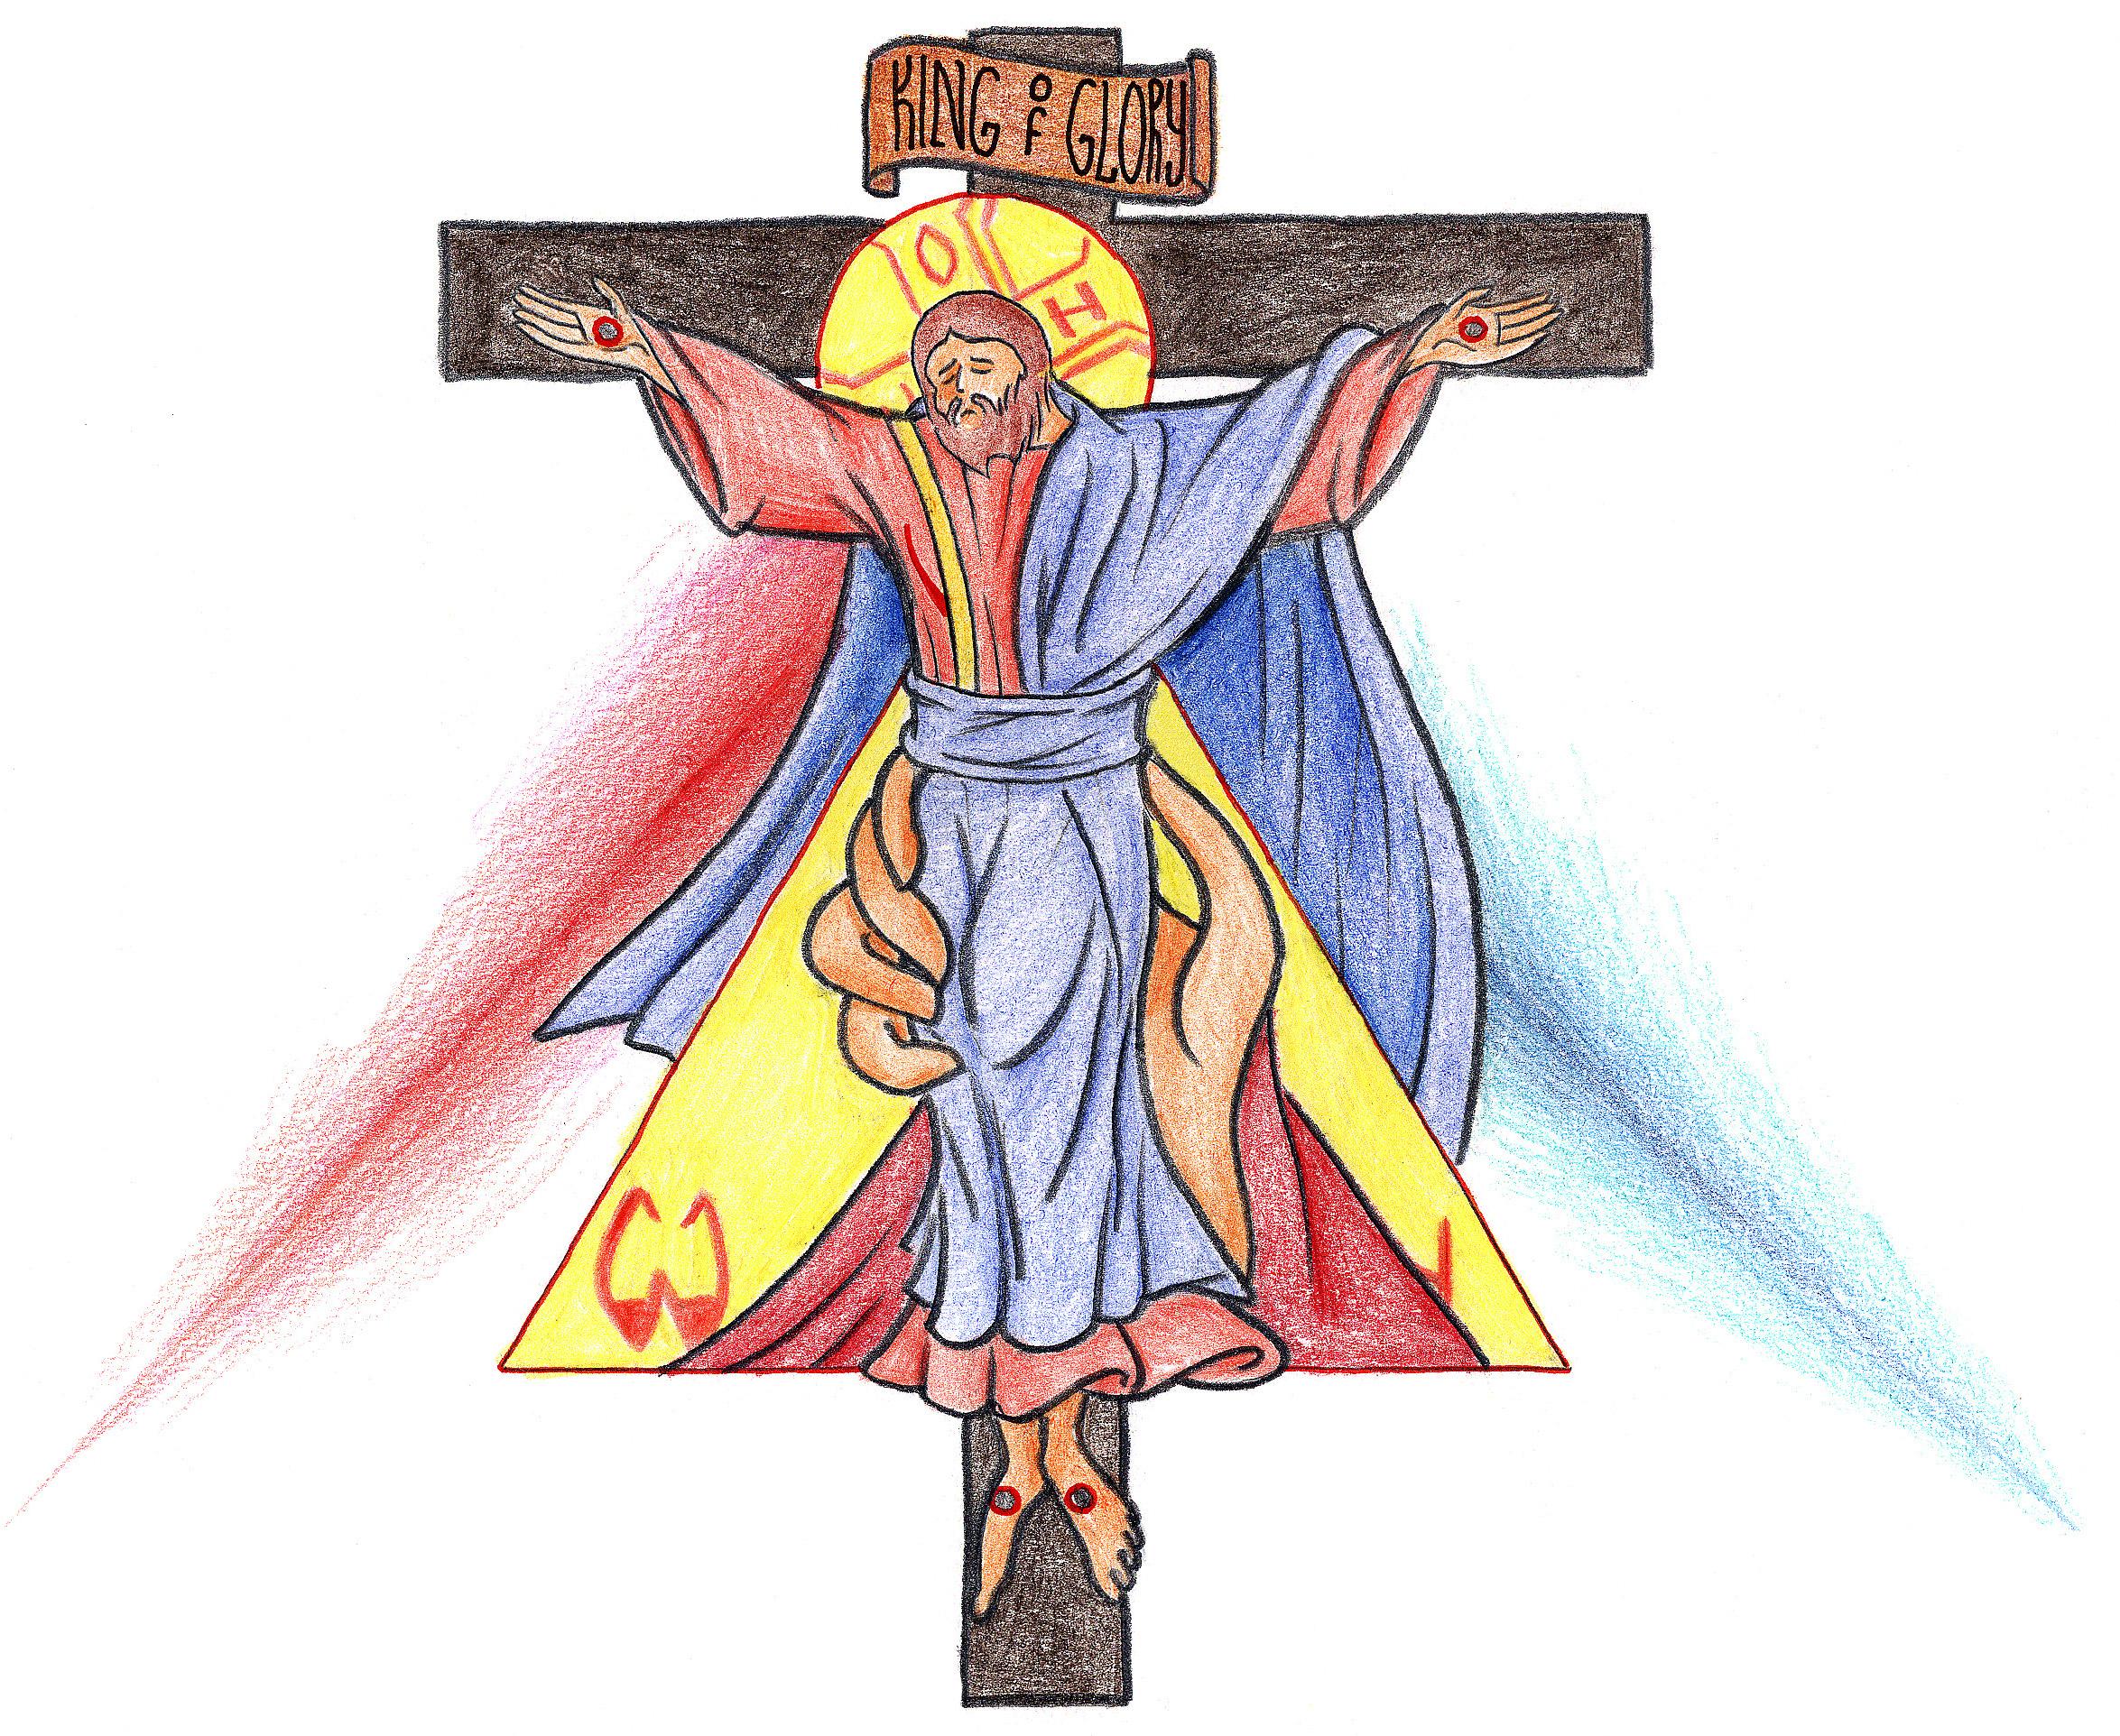 John 3:16 by Parastos